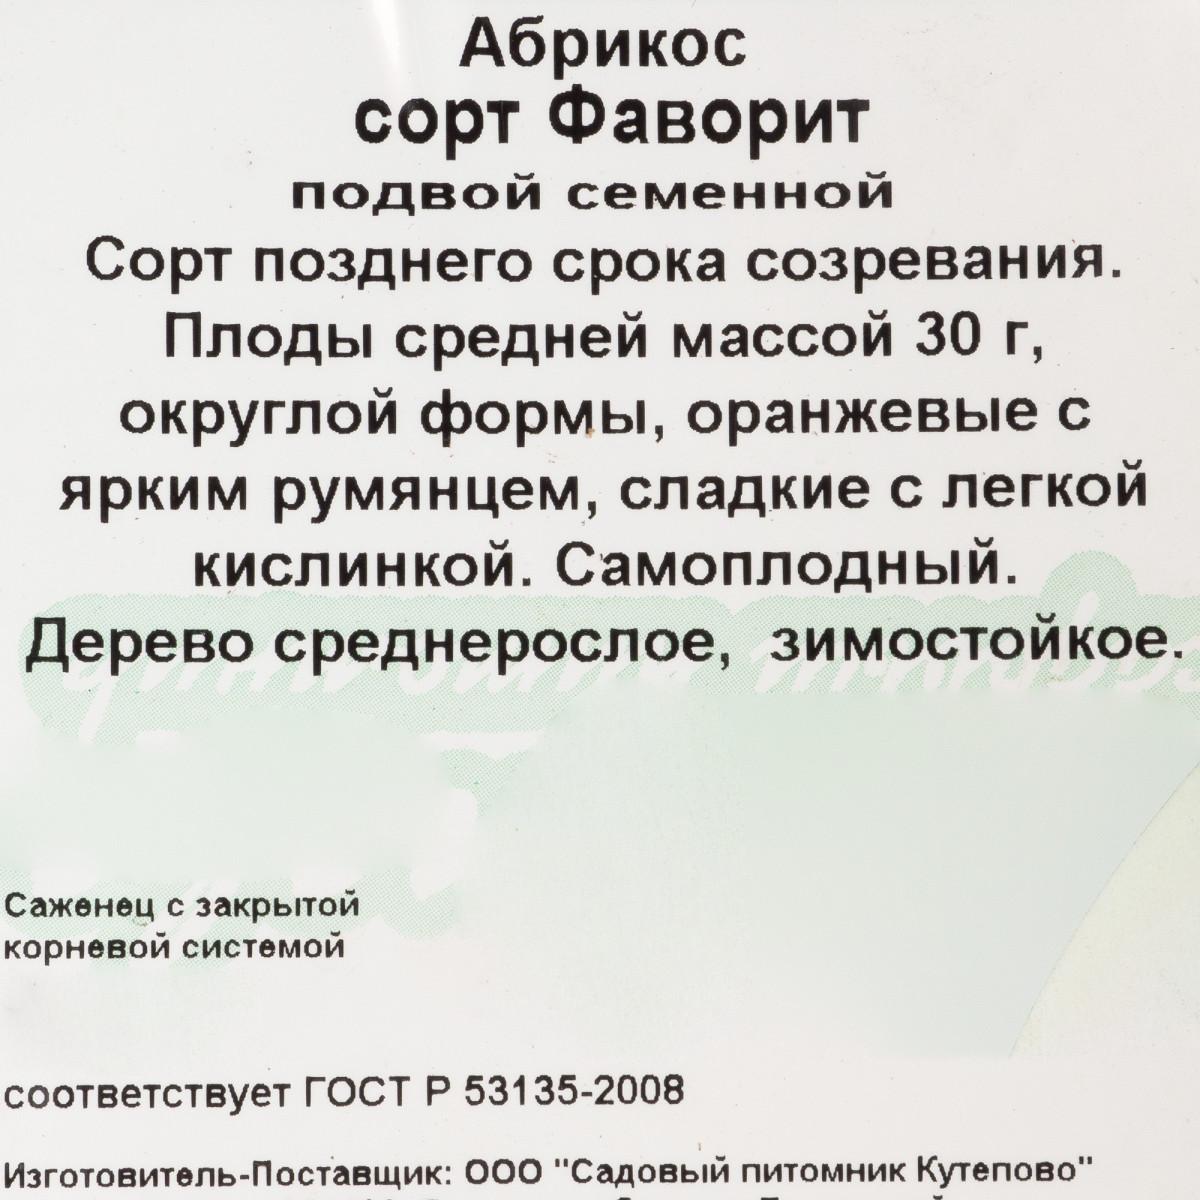 Абрикос С4 «Фаворит» h100-120